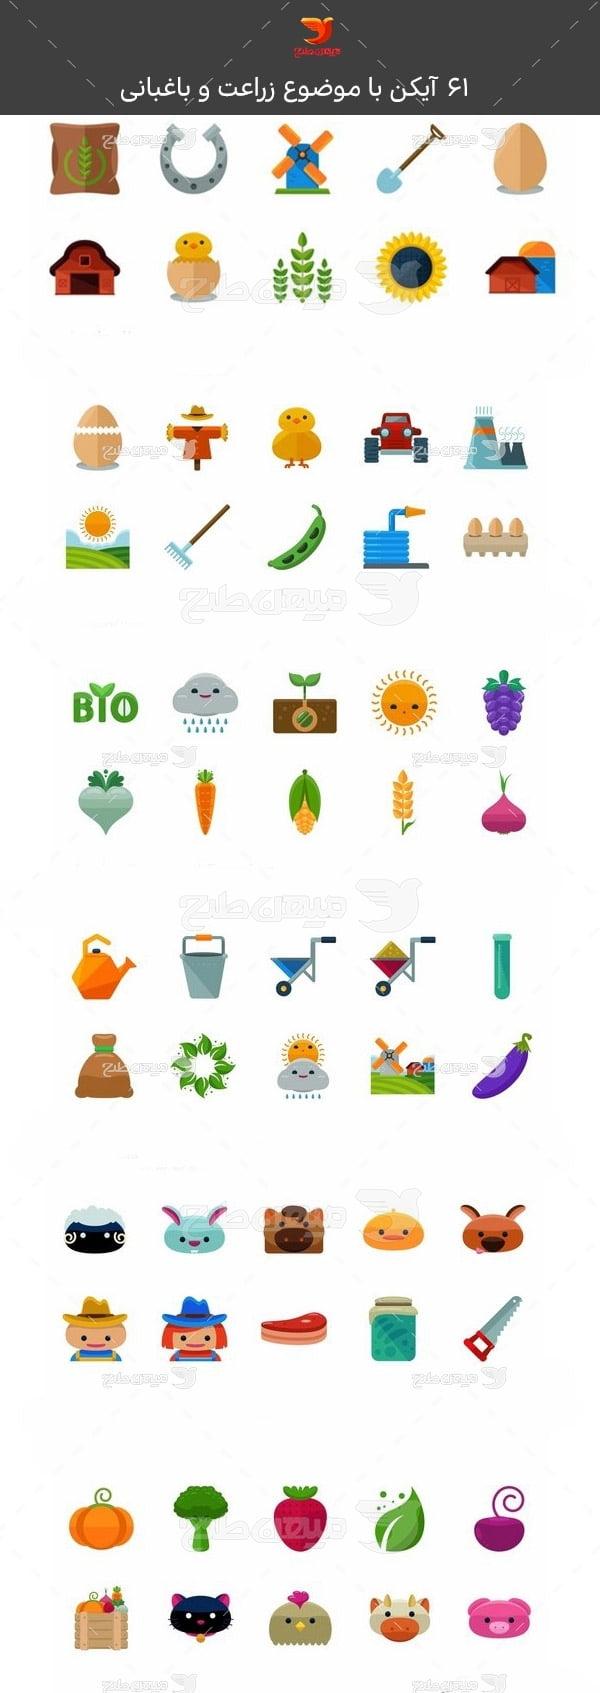 مجموعه آیکن ویژه زراعت و باغبانی